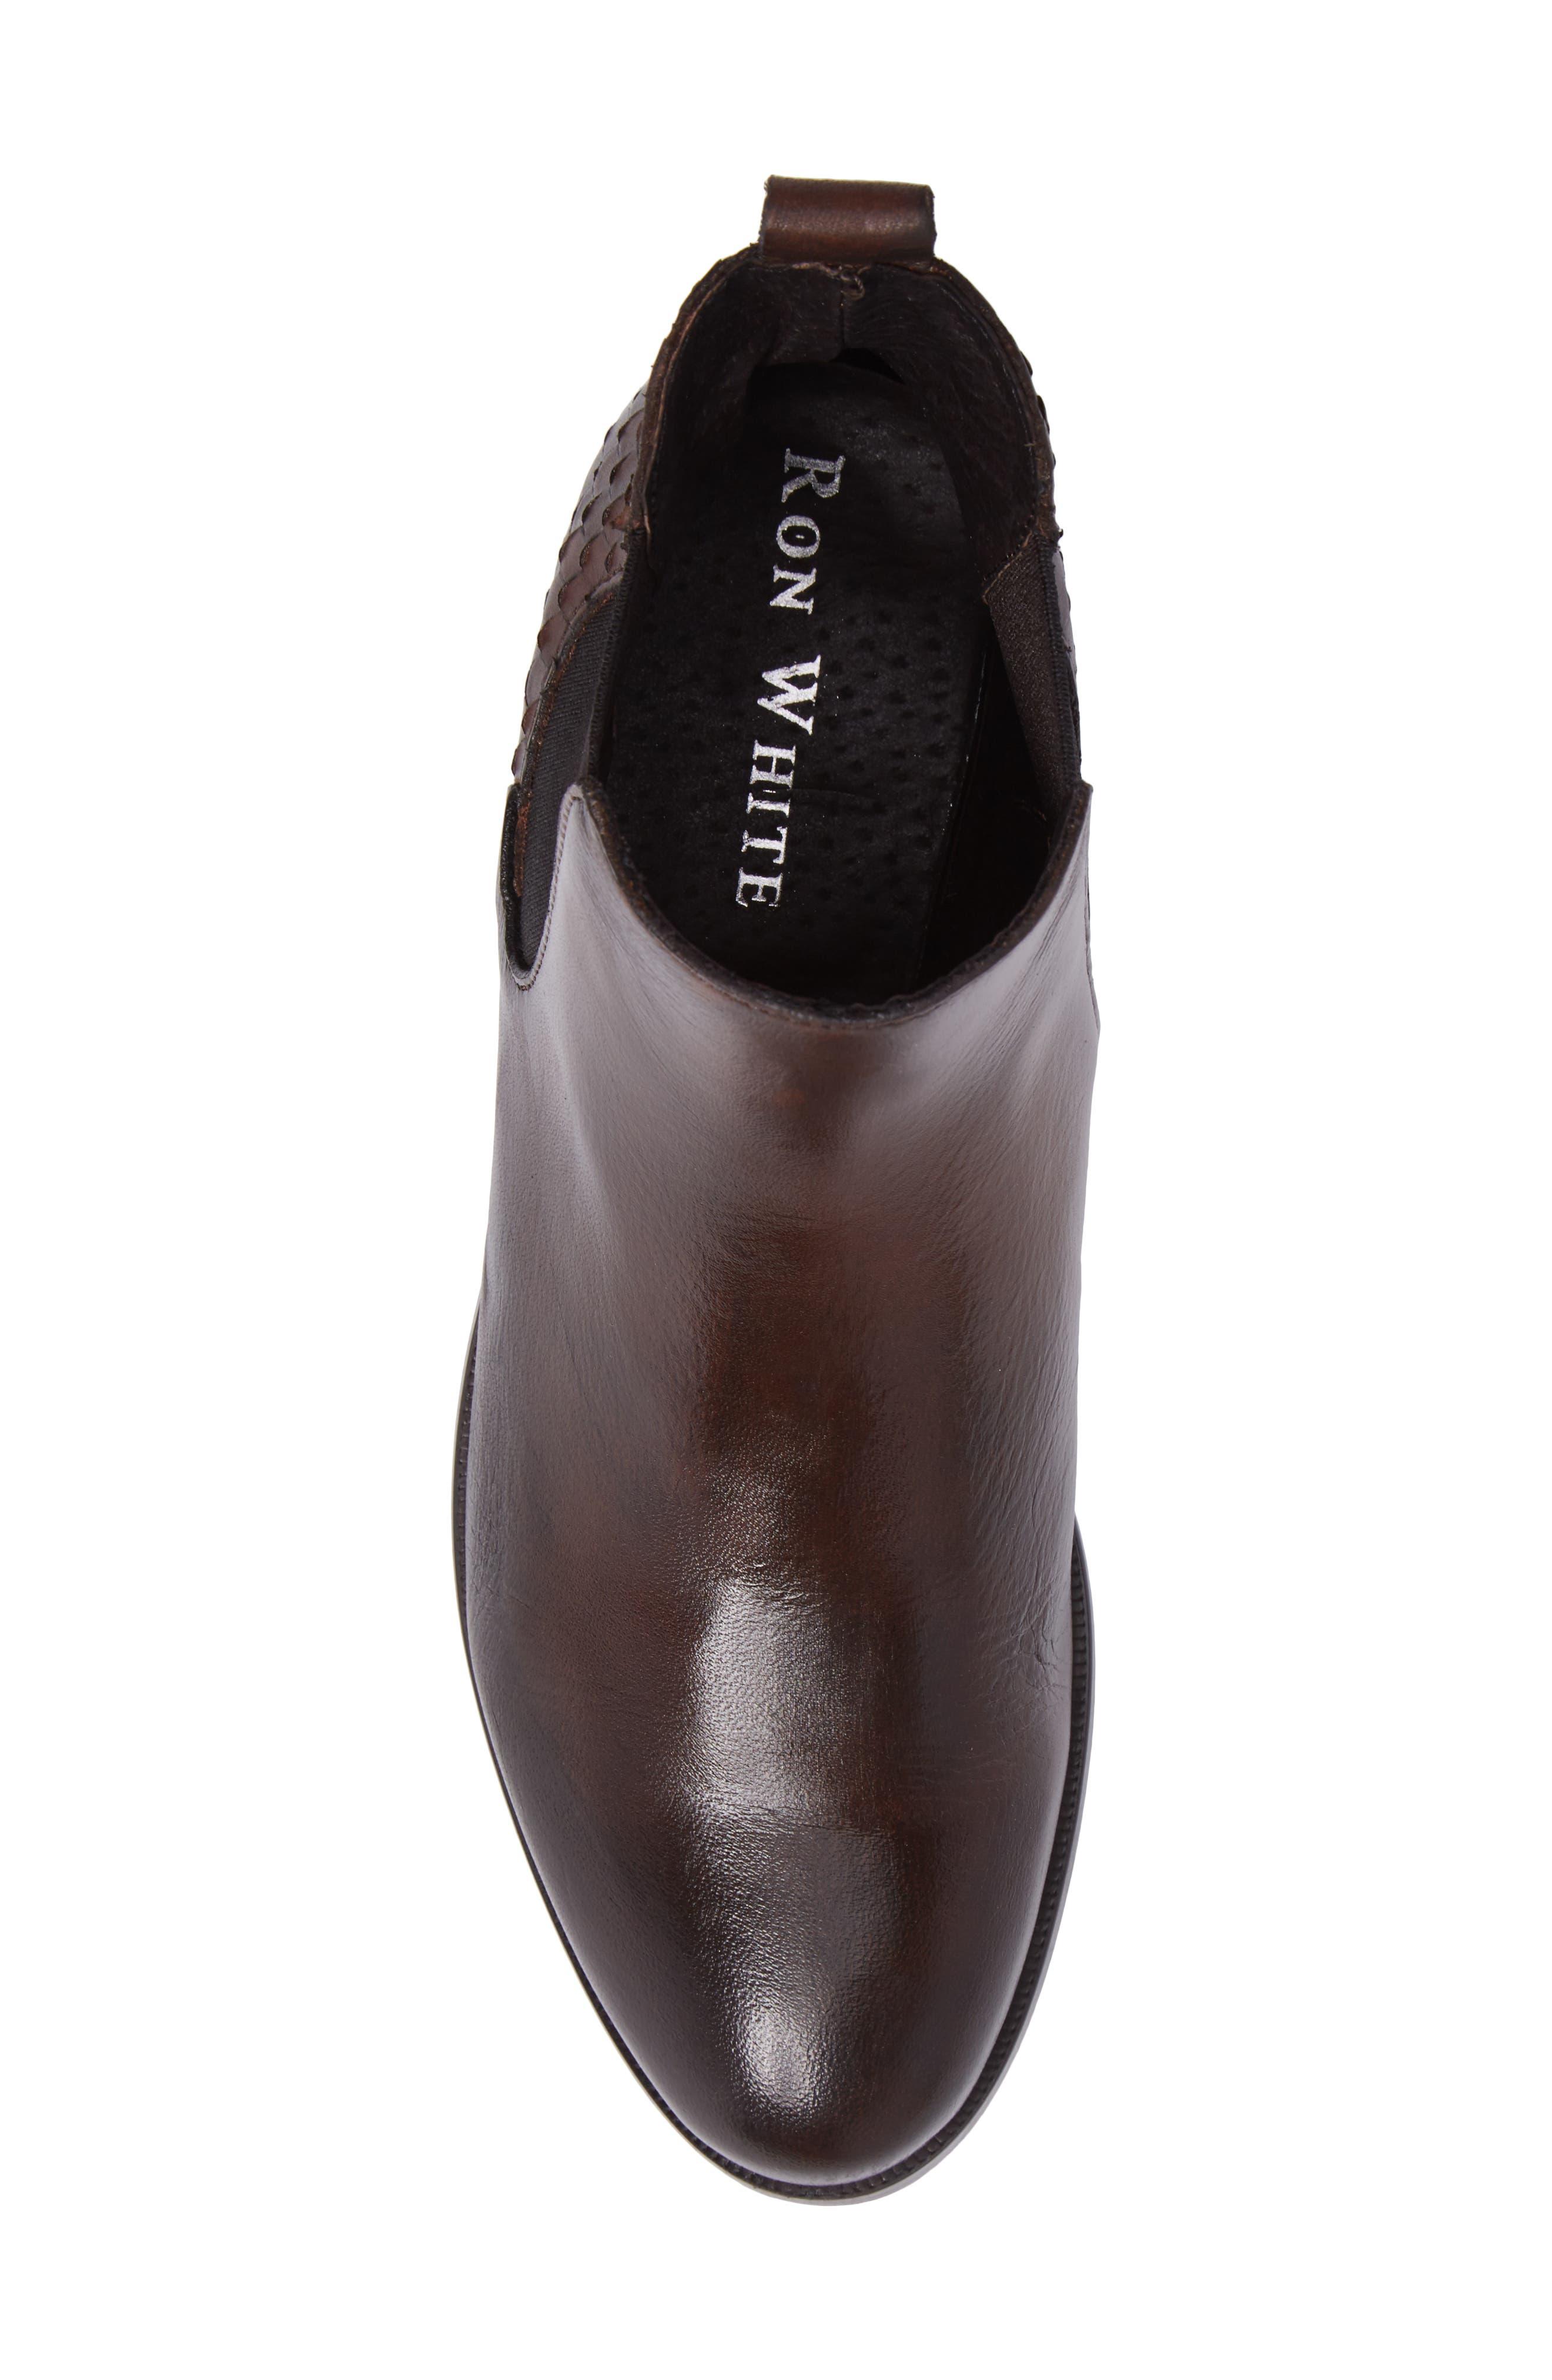 Padamae Water Resistant Chelsea Boot,                             Alternate thumbnail 5, color,                             001